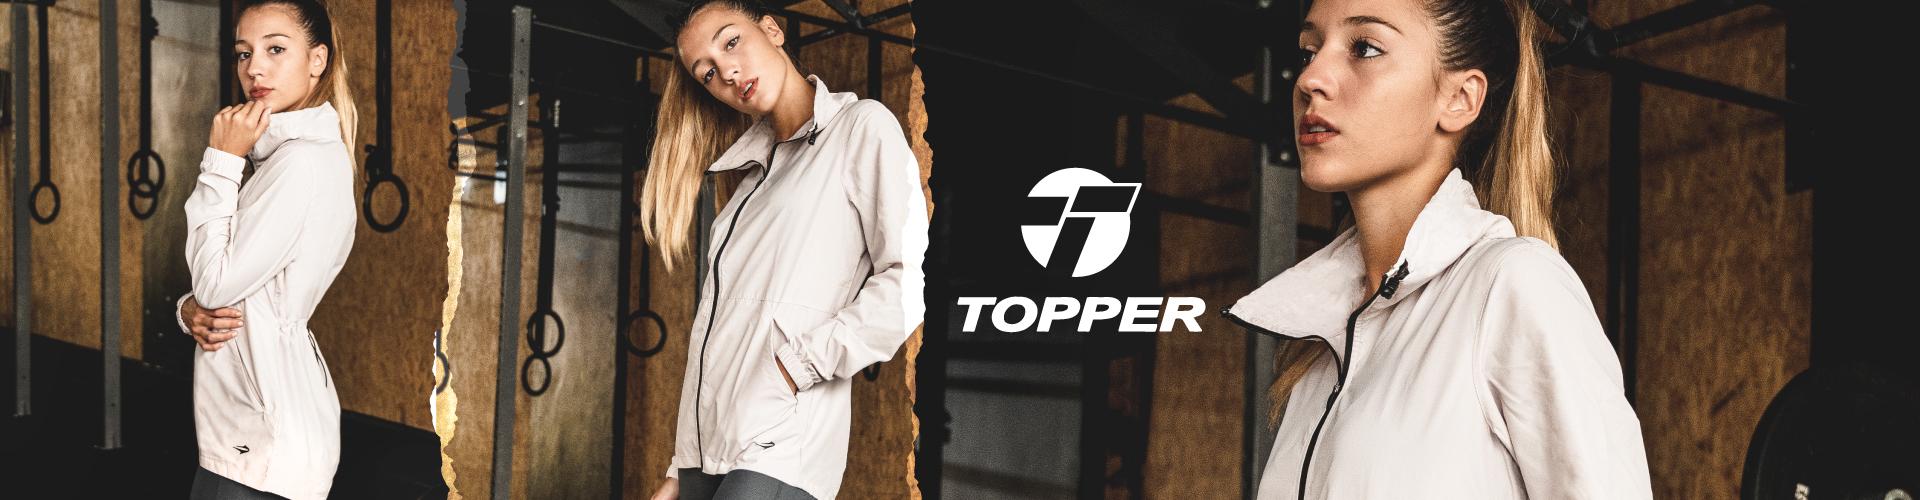 Banner Topper